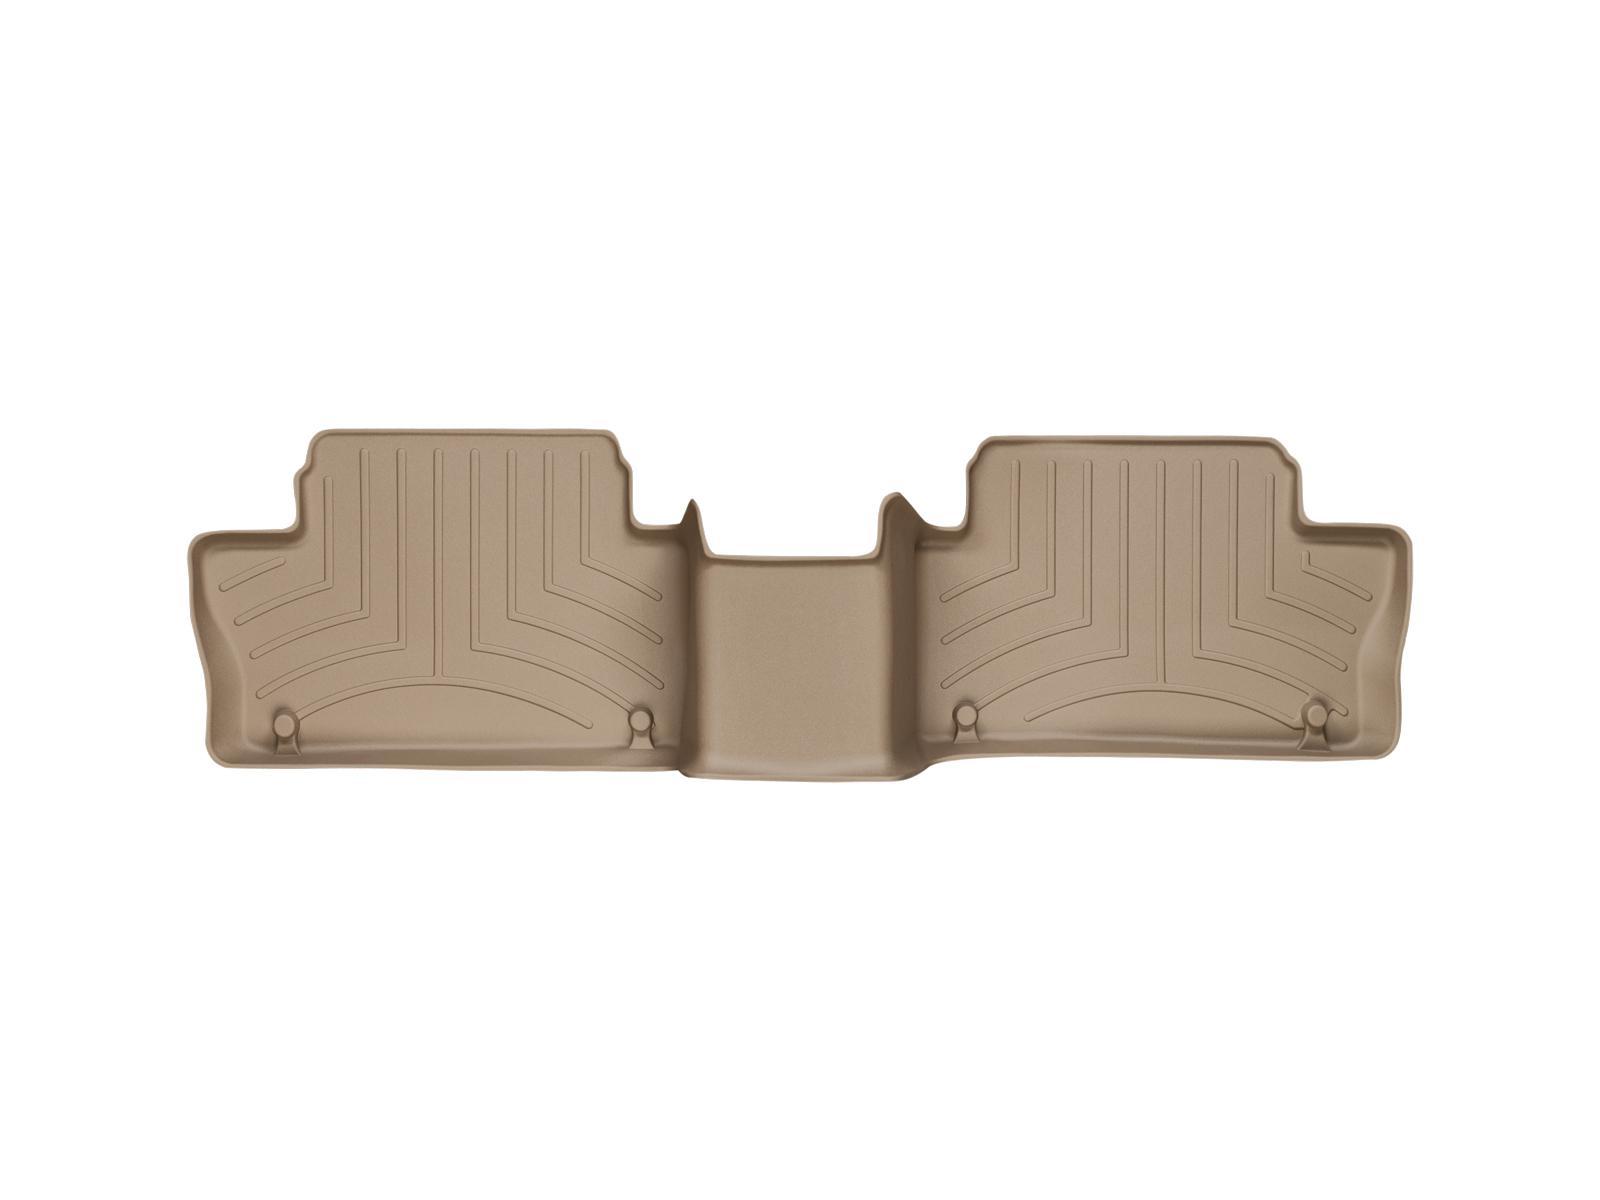 Tappeti gomma su misura bordo alto Volvo XC60 08>17 Marrone A4422*